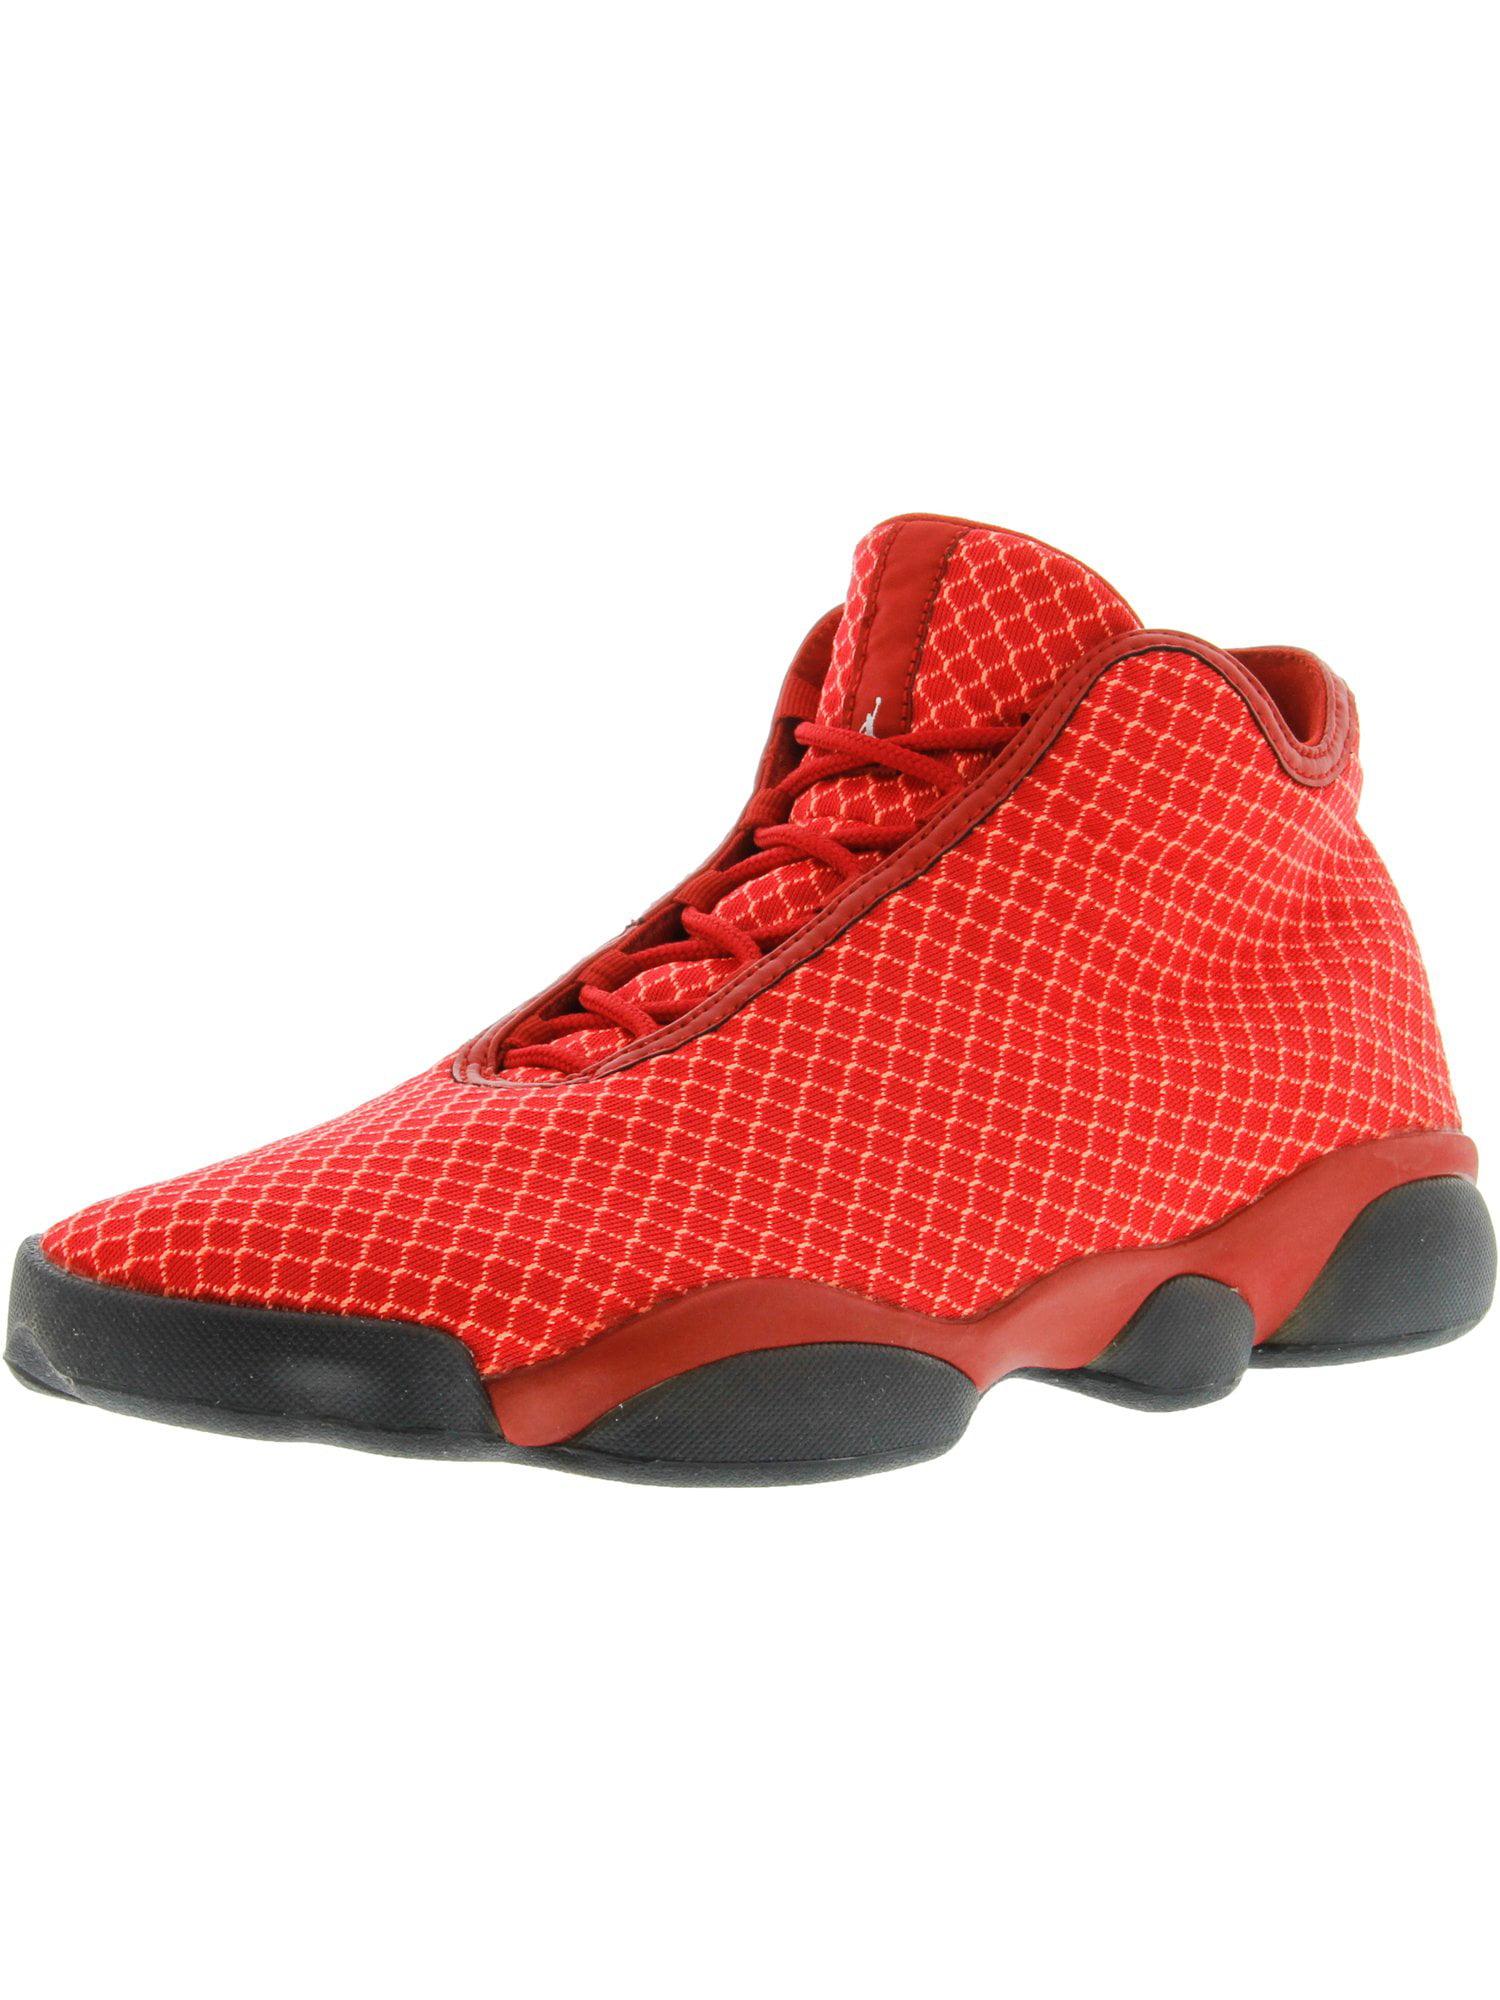 Nike Men's Jordan Horizon Gym Red